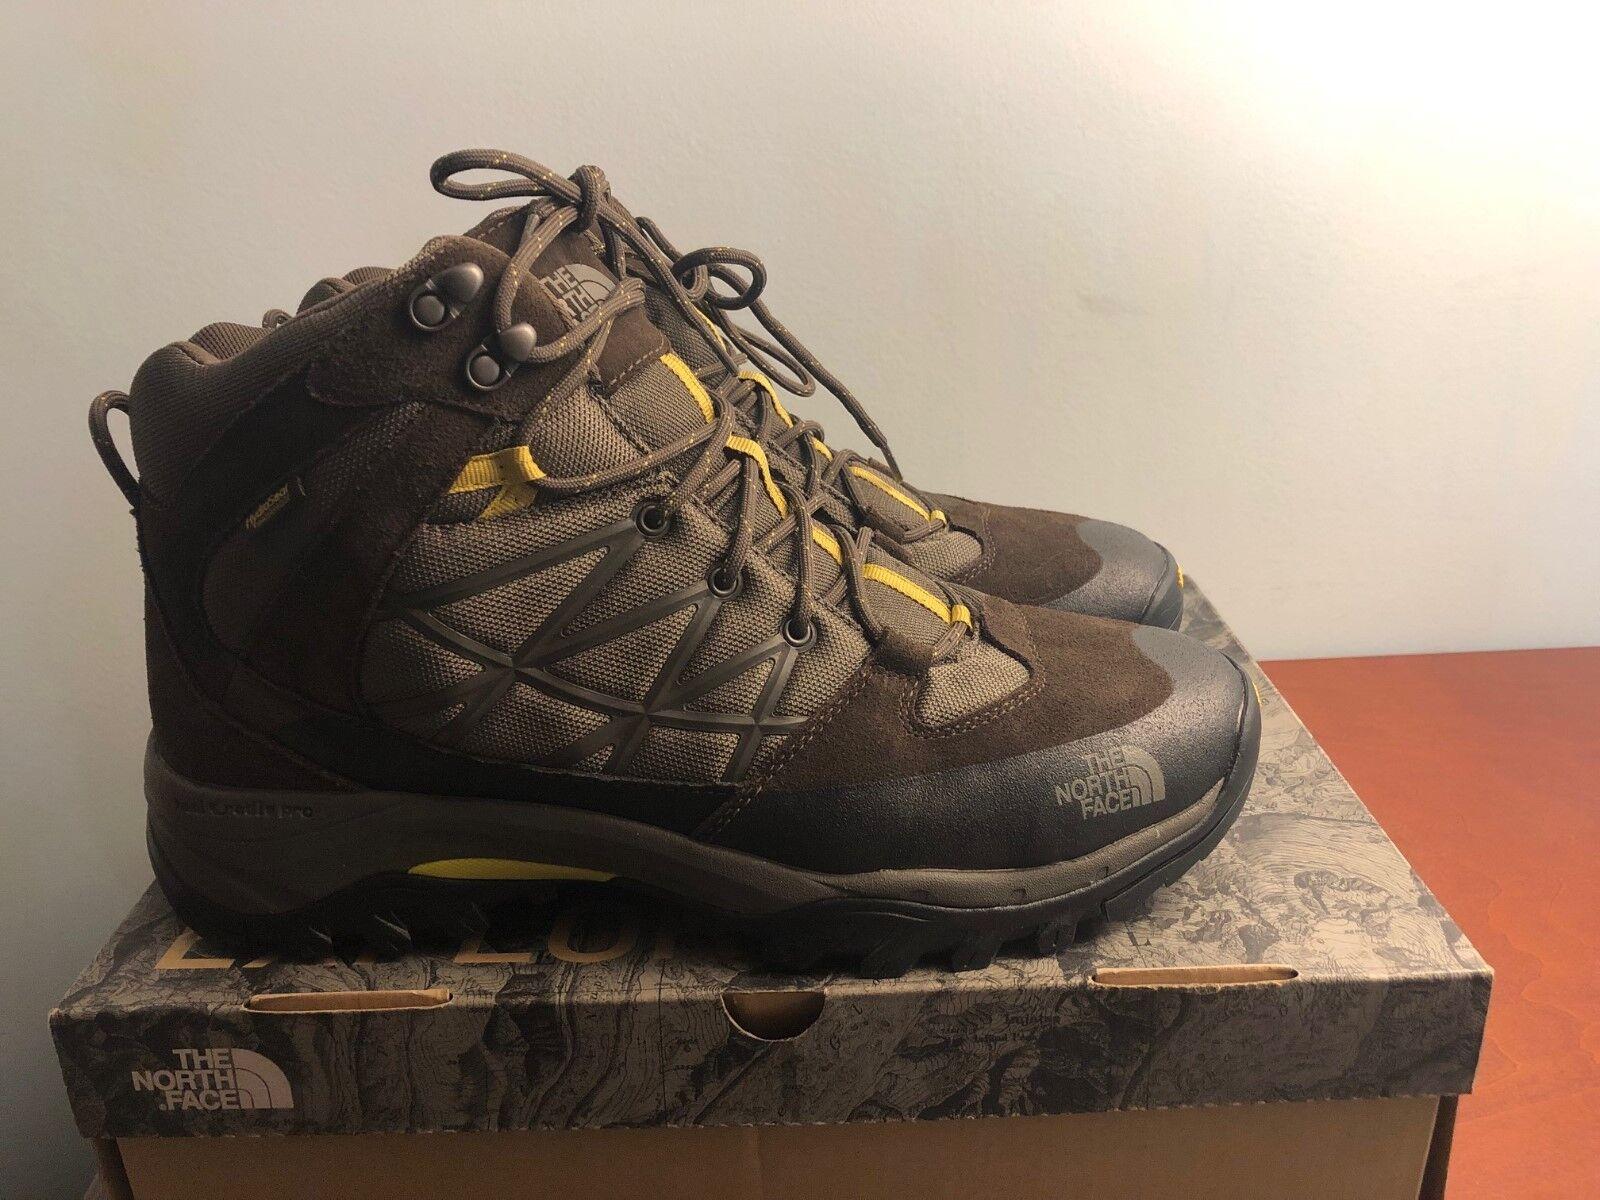 Nuevo The North Face Storm Mid WP Hombre Zapatos botas Para Excursionismo 12 M De Cuero Marrón Nuevo en Caja